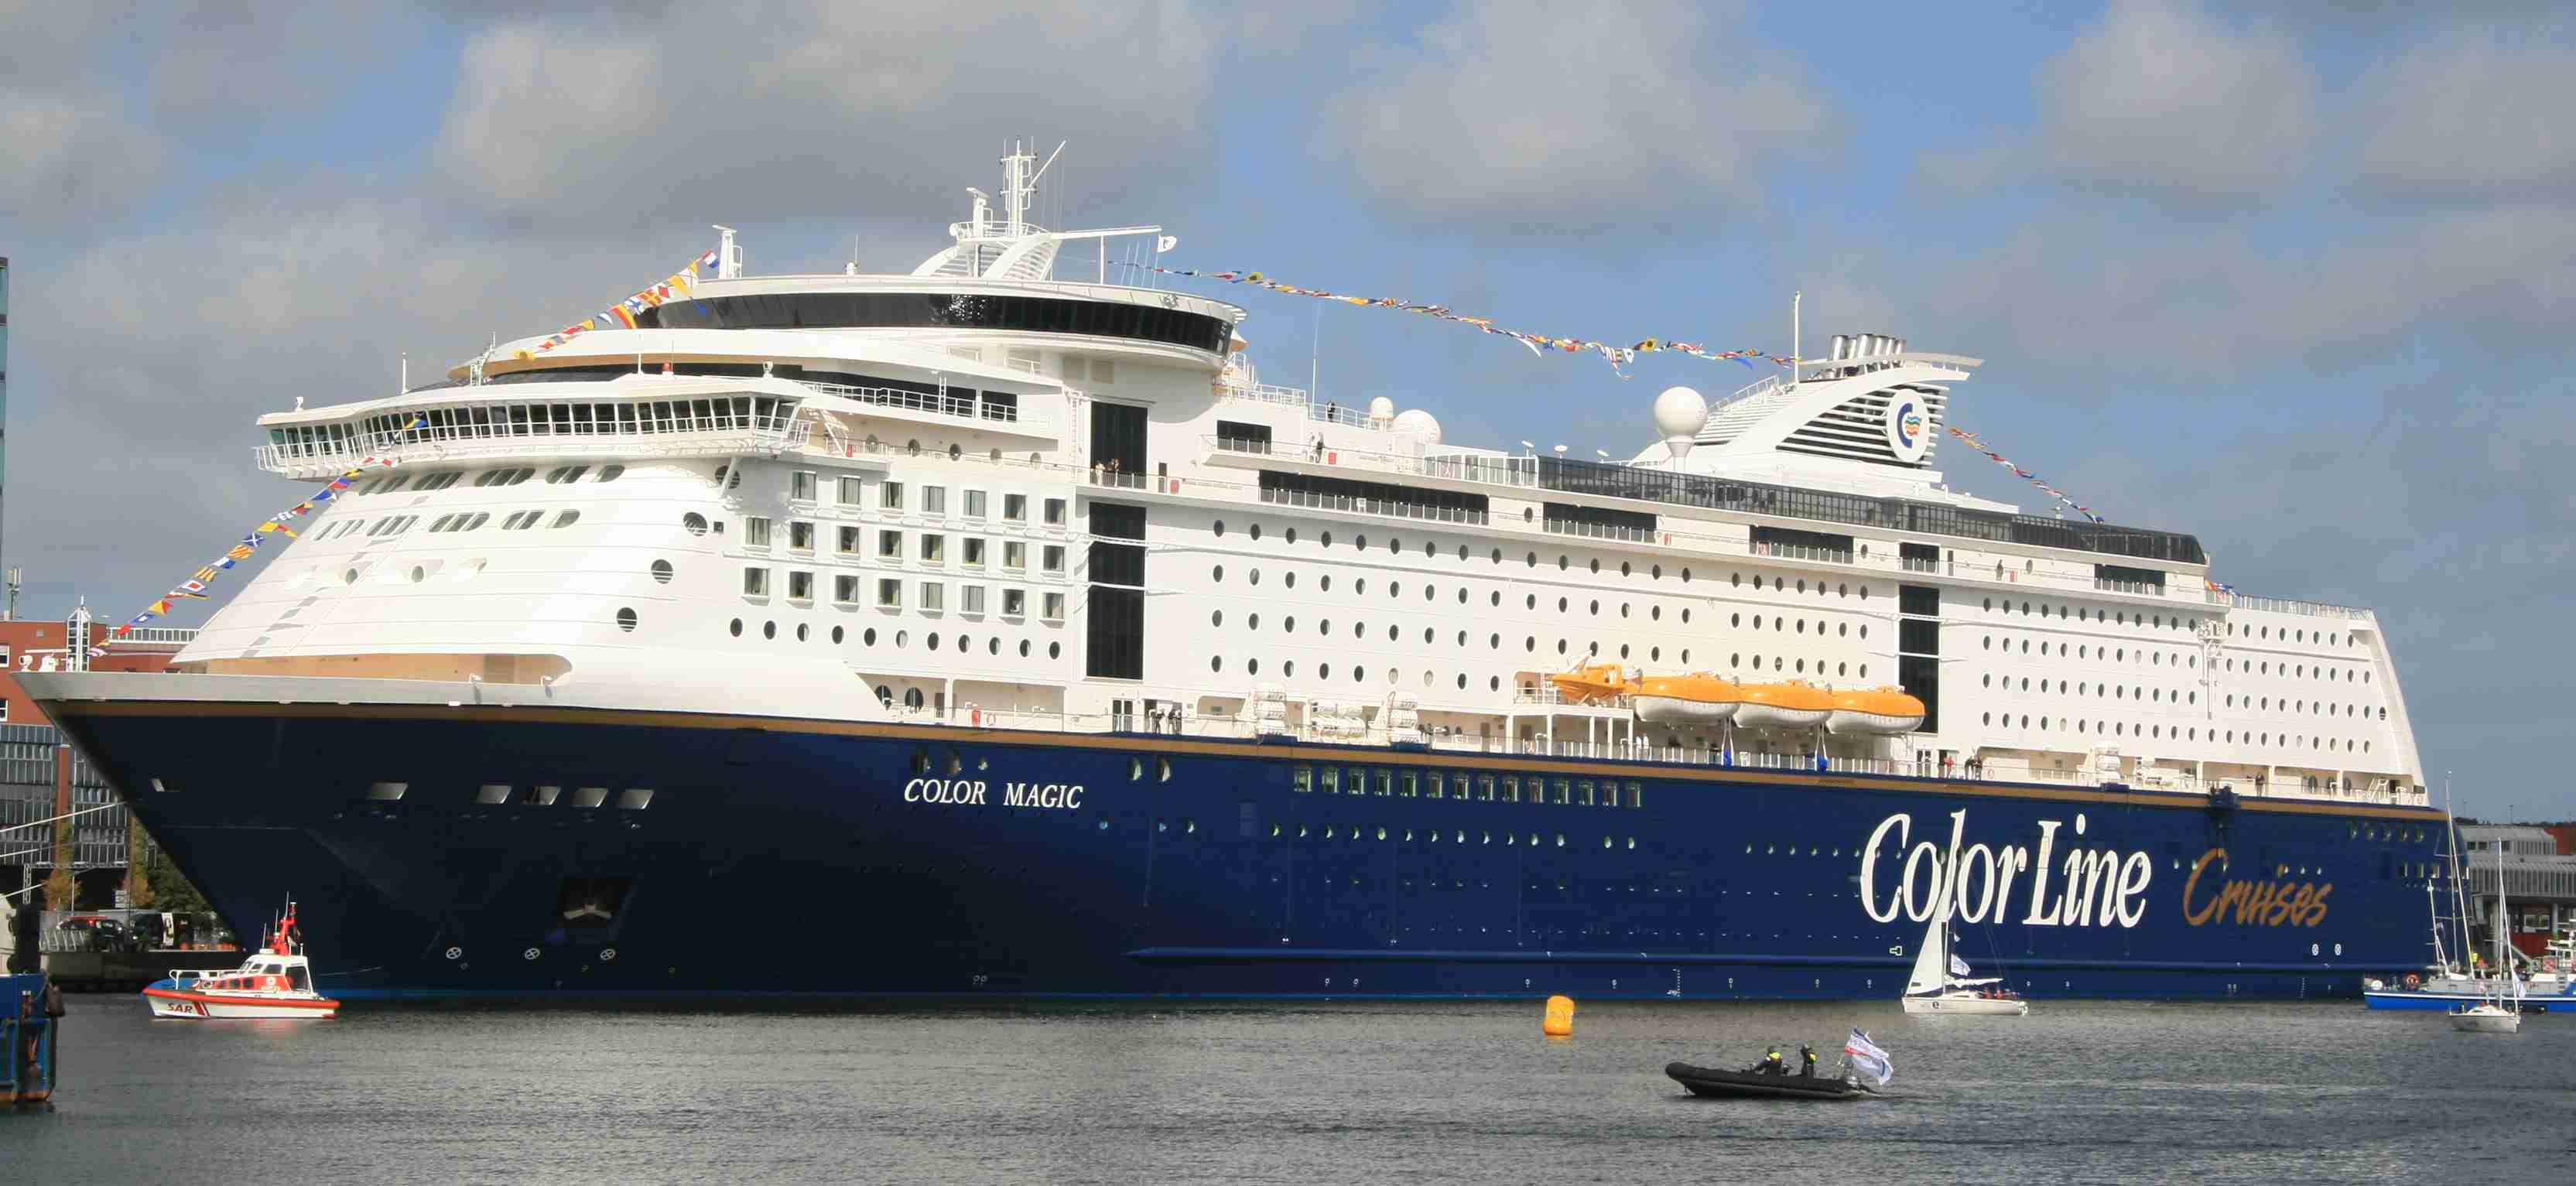 Color Line запускает новое судно